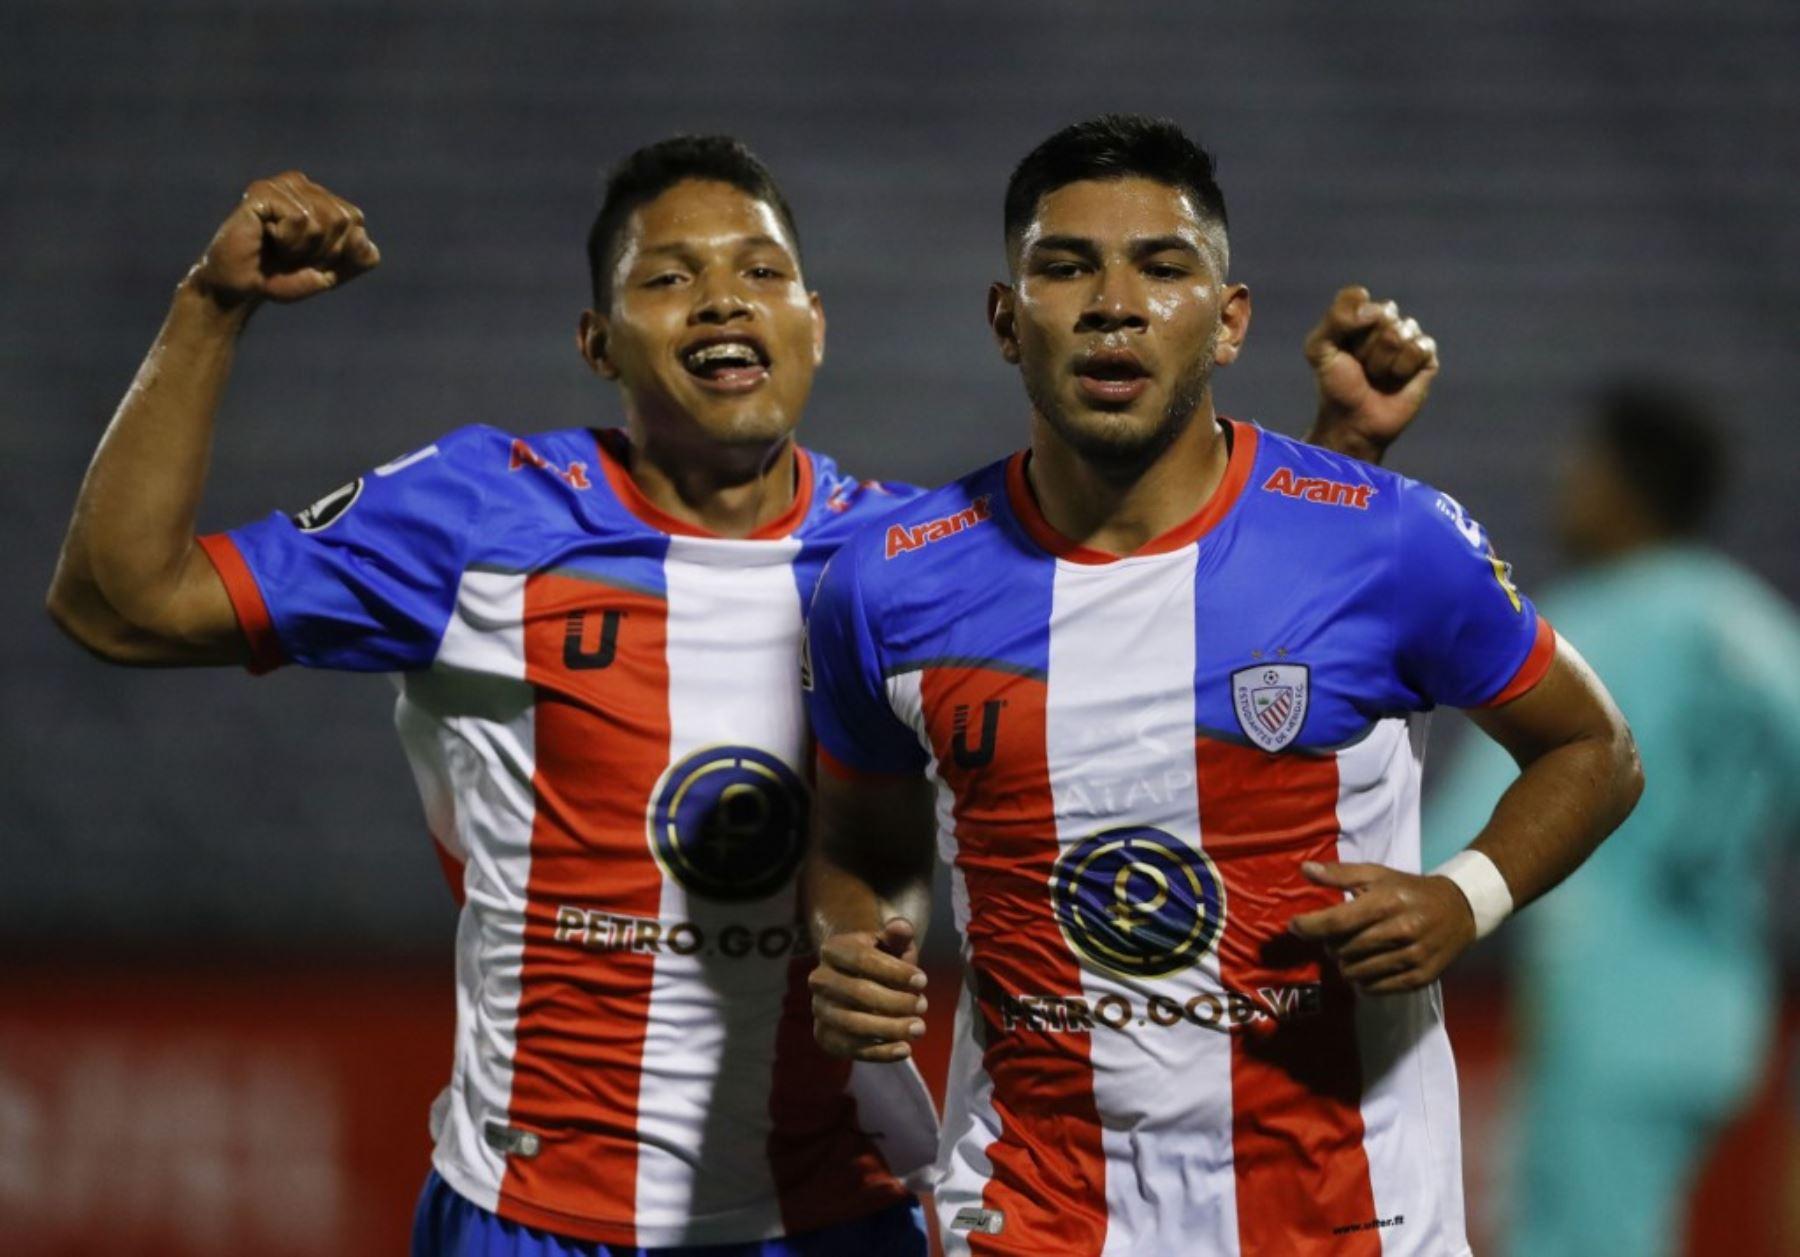 Alianza Lima enfrenta a Estudiantes de Mérida de Venezuela por el grupo F de la Copa Libertadores, en el estadio Alejandro Villanueva. Foto: AFP